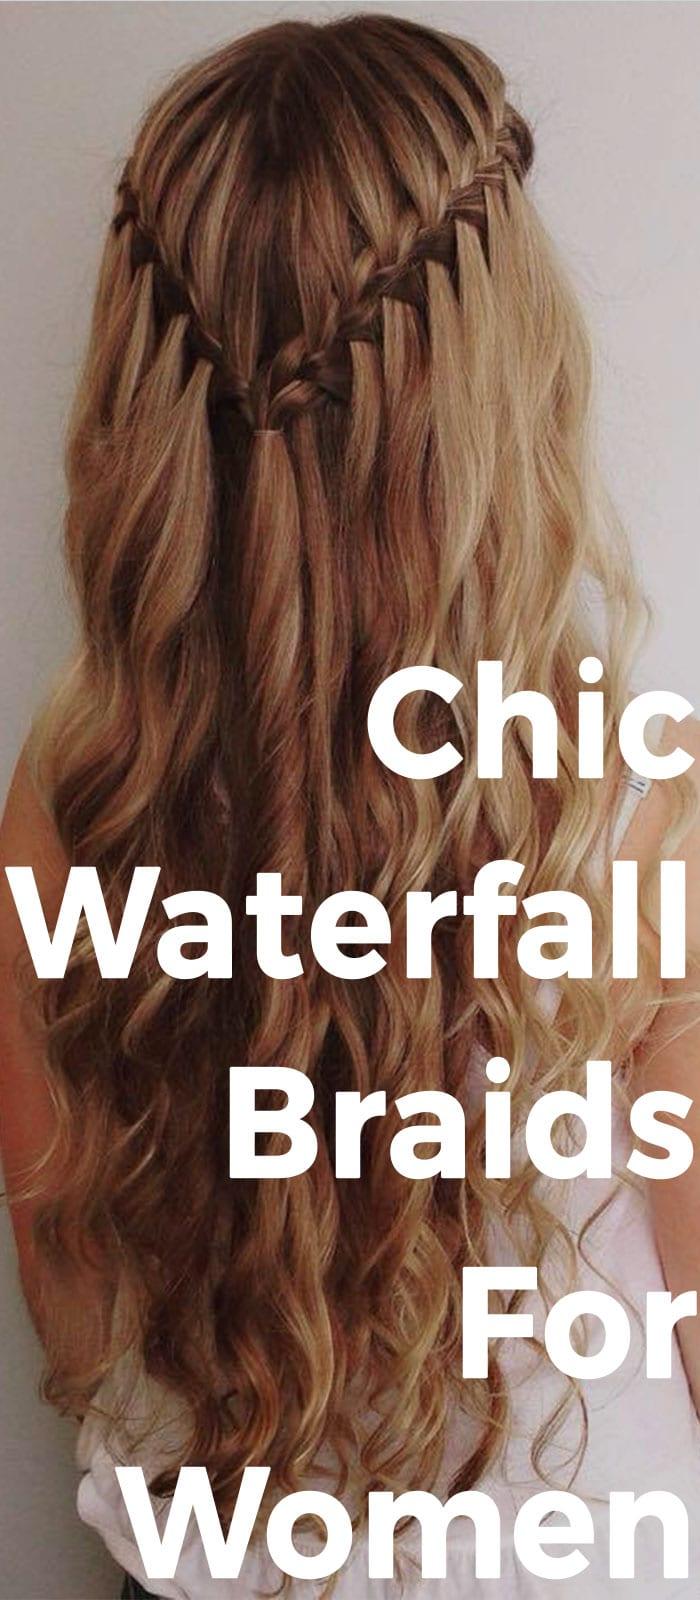 Chic Waterfall Braids For Women